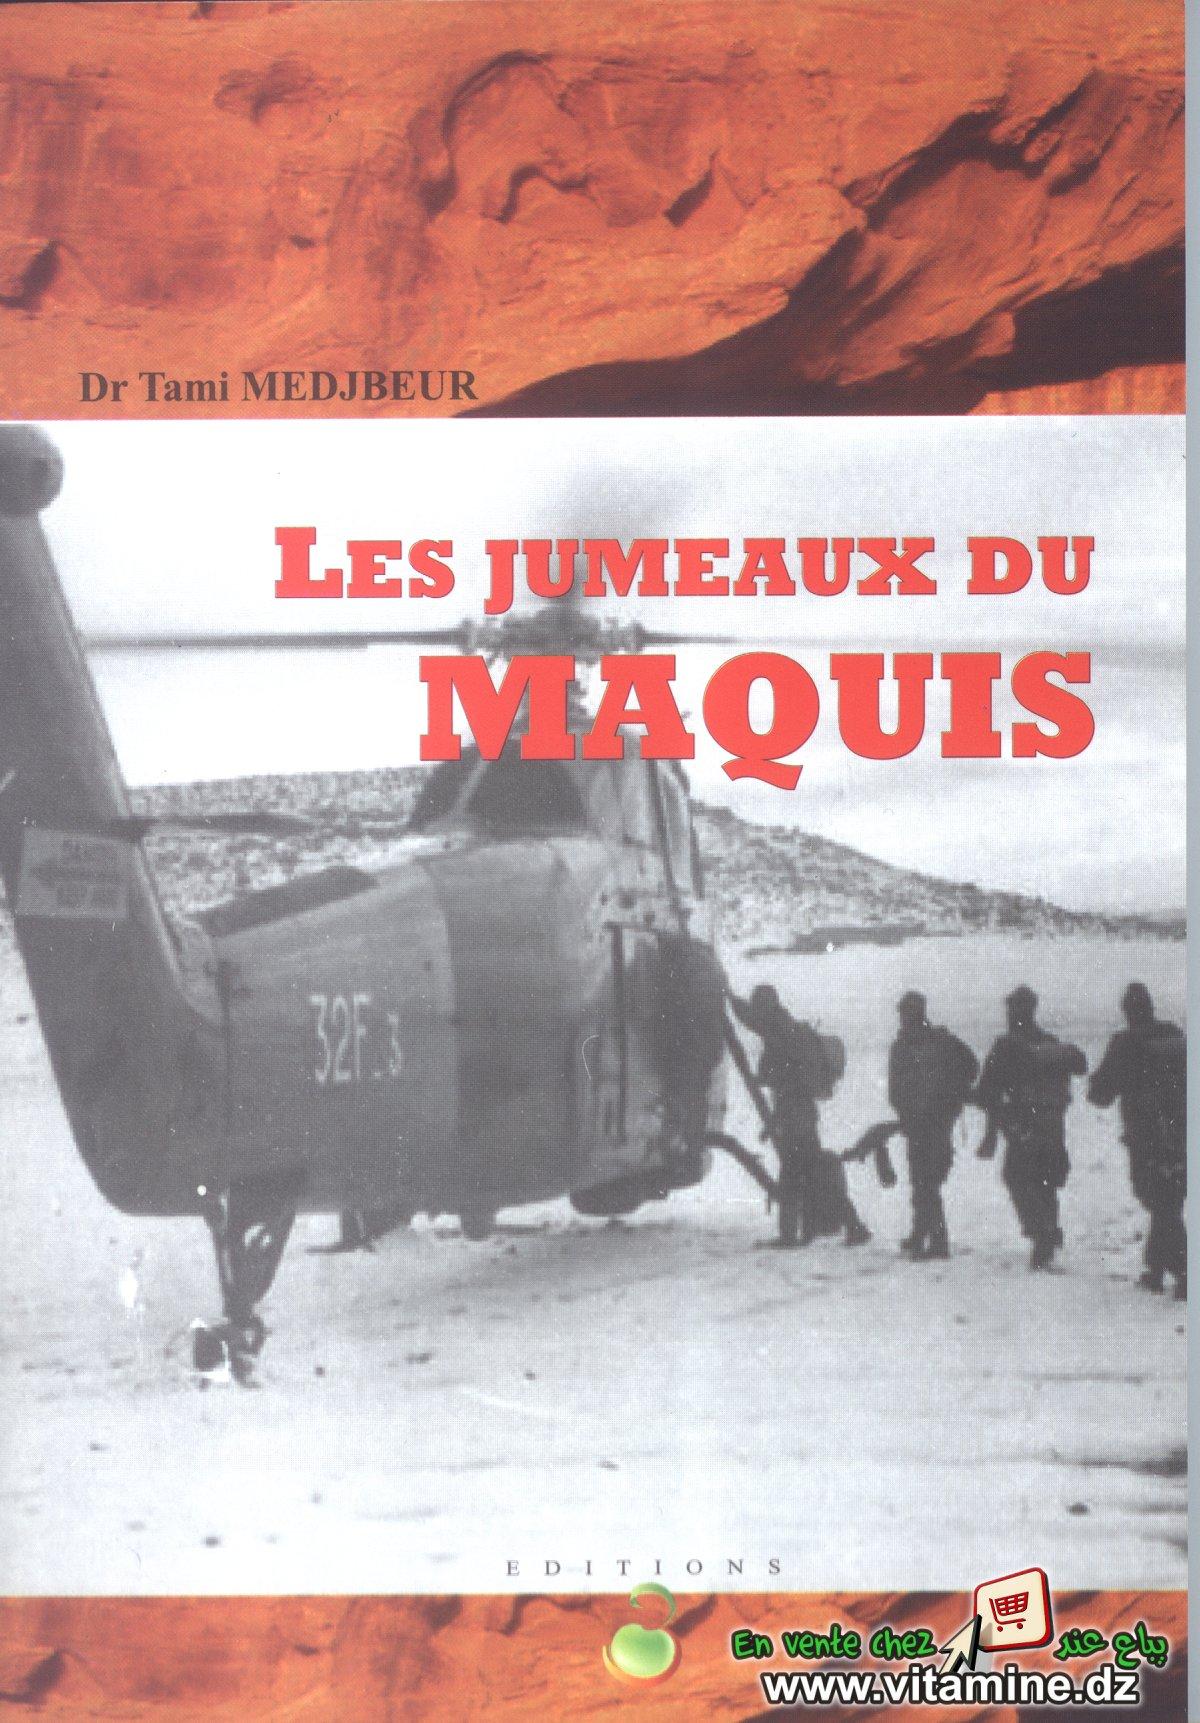 Tami Medjbeur - Les jumeaux du Maquis